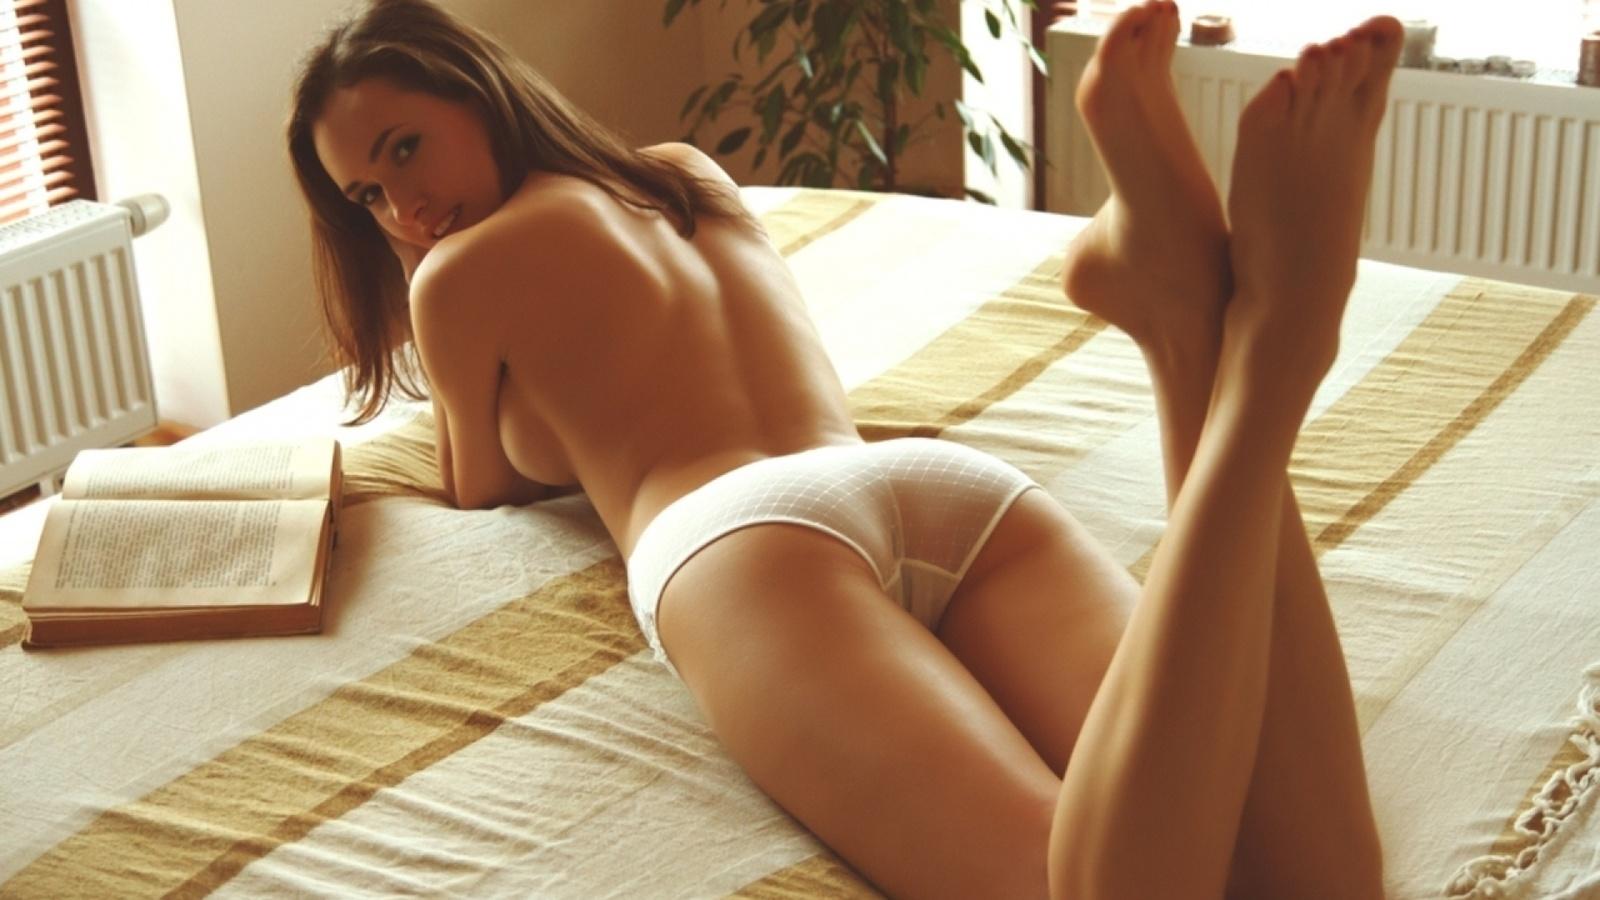 Русская очень красивая девушка с шикарной фигуркой нежится в постели 3 фотография